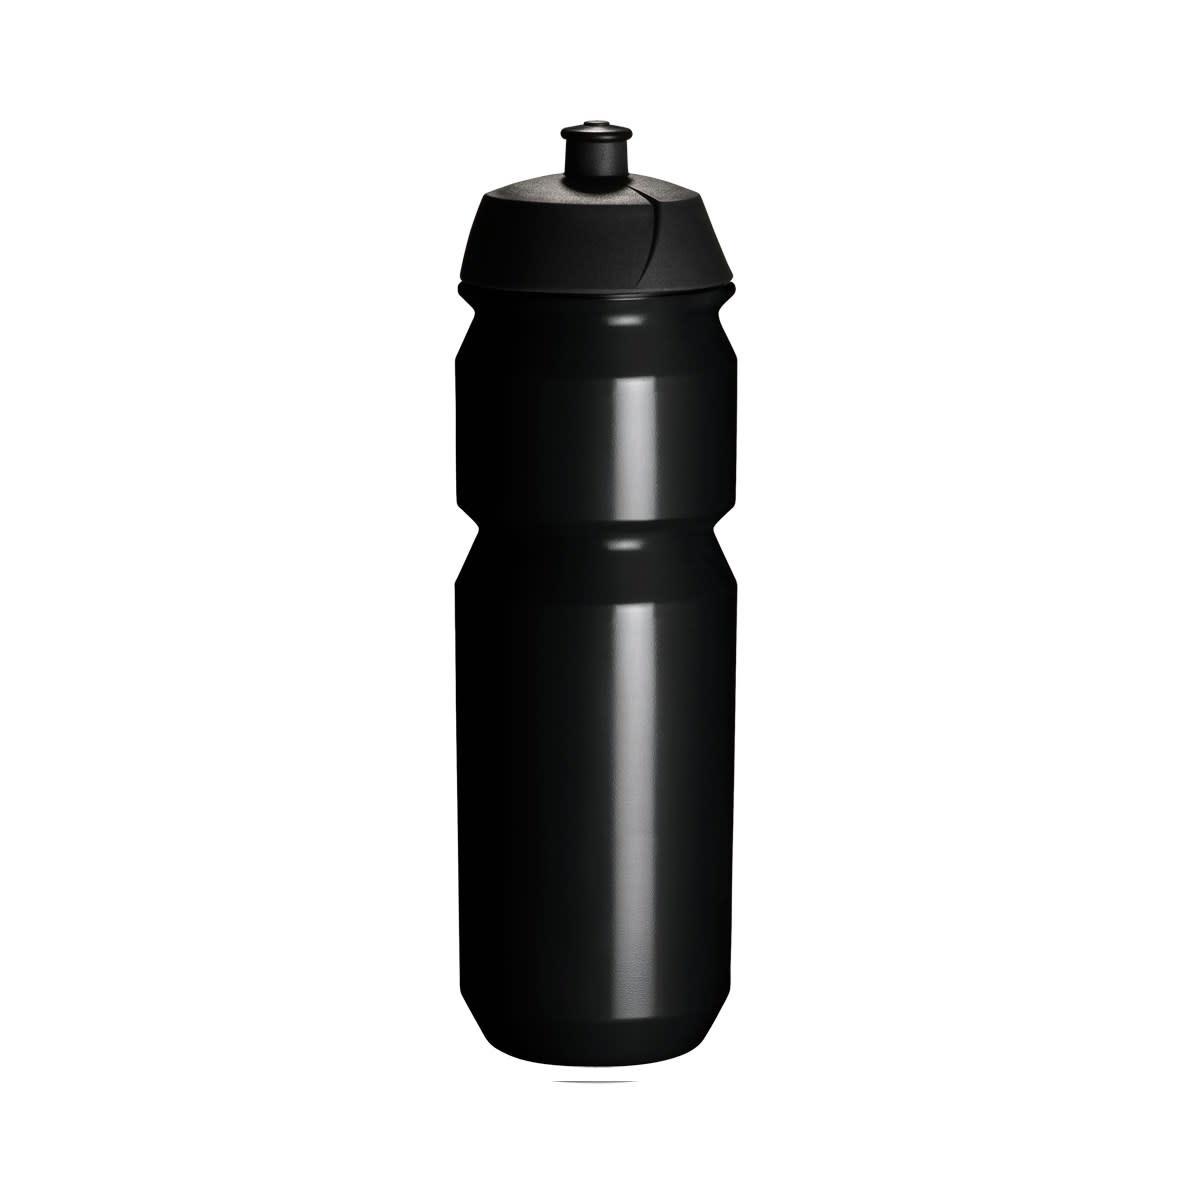 Tacx TACX SHIVA BOTTLE UNPRINTED 750CC BLACK: BLACK 750ML